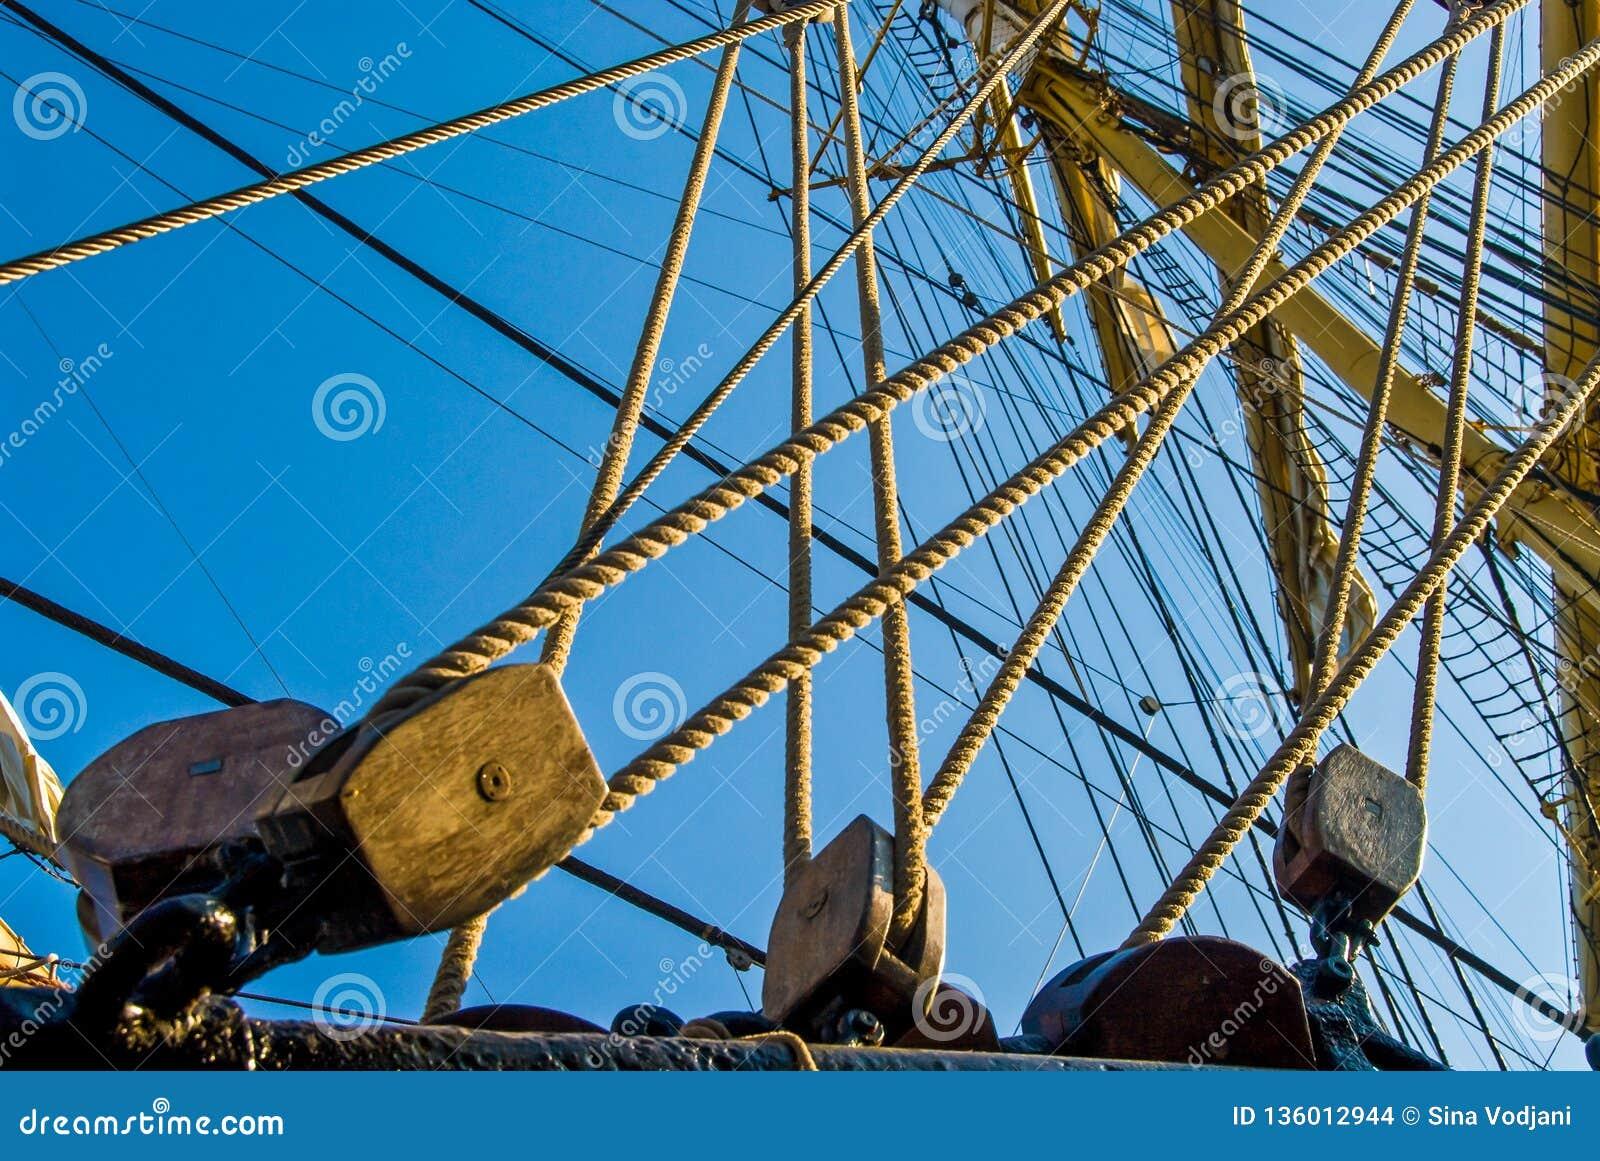 Rigg de la nave y línea del arnés